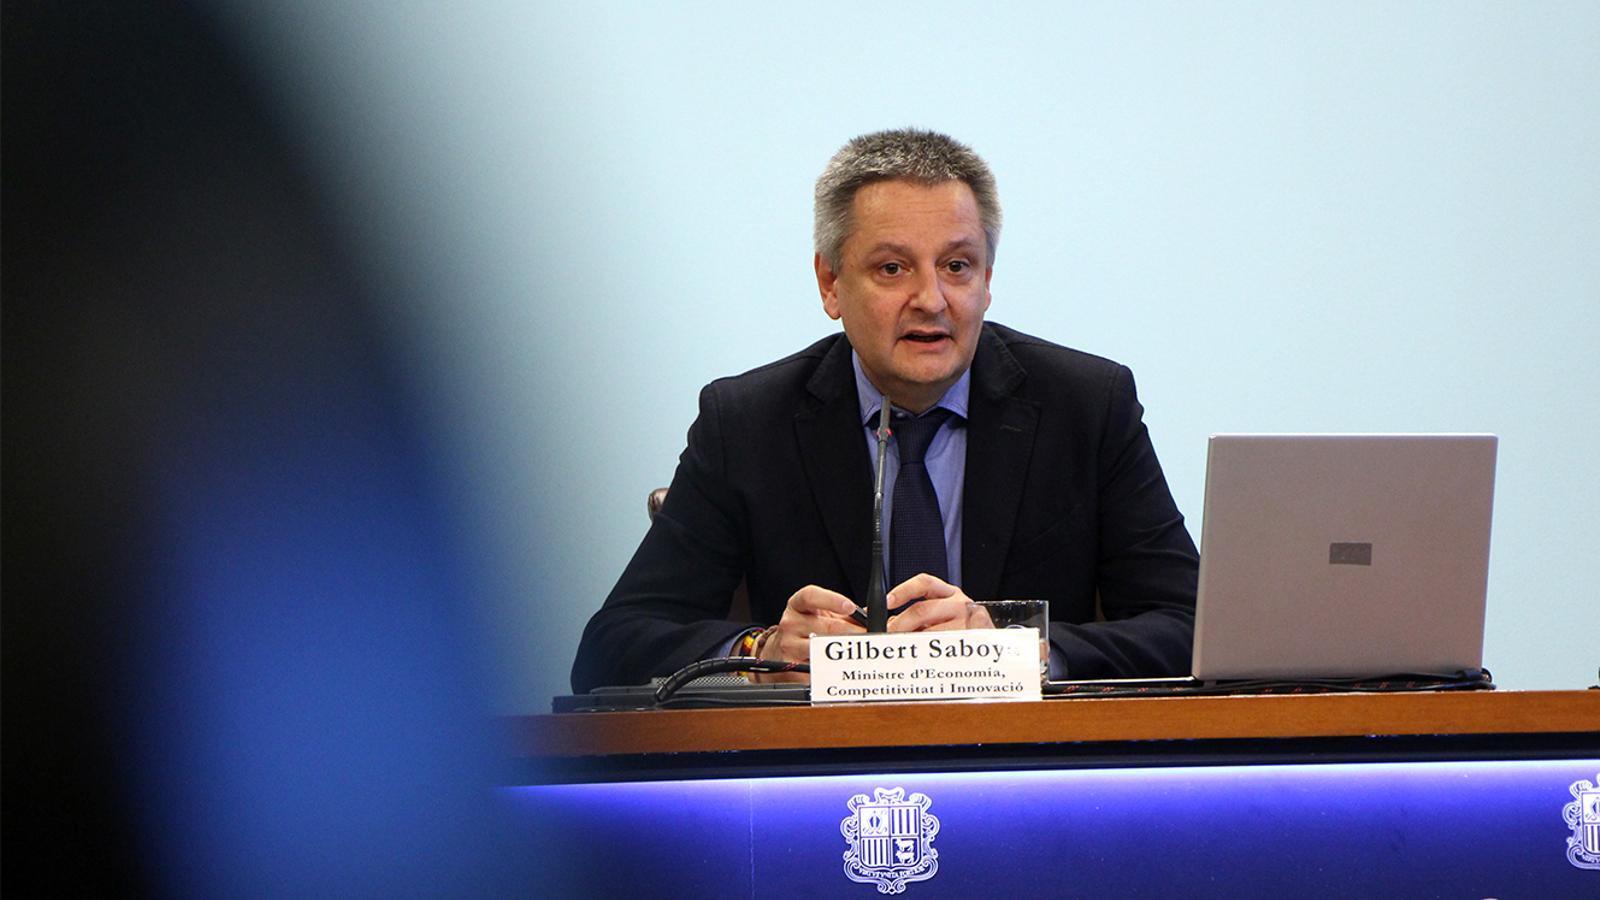 El ministre d'Economia, Competitivitat i Innovació, Gilbert Saboya, durant la presentació del nou concurs de les línies d'autobús. / M. M. (ANA)